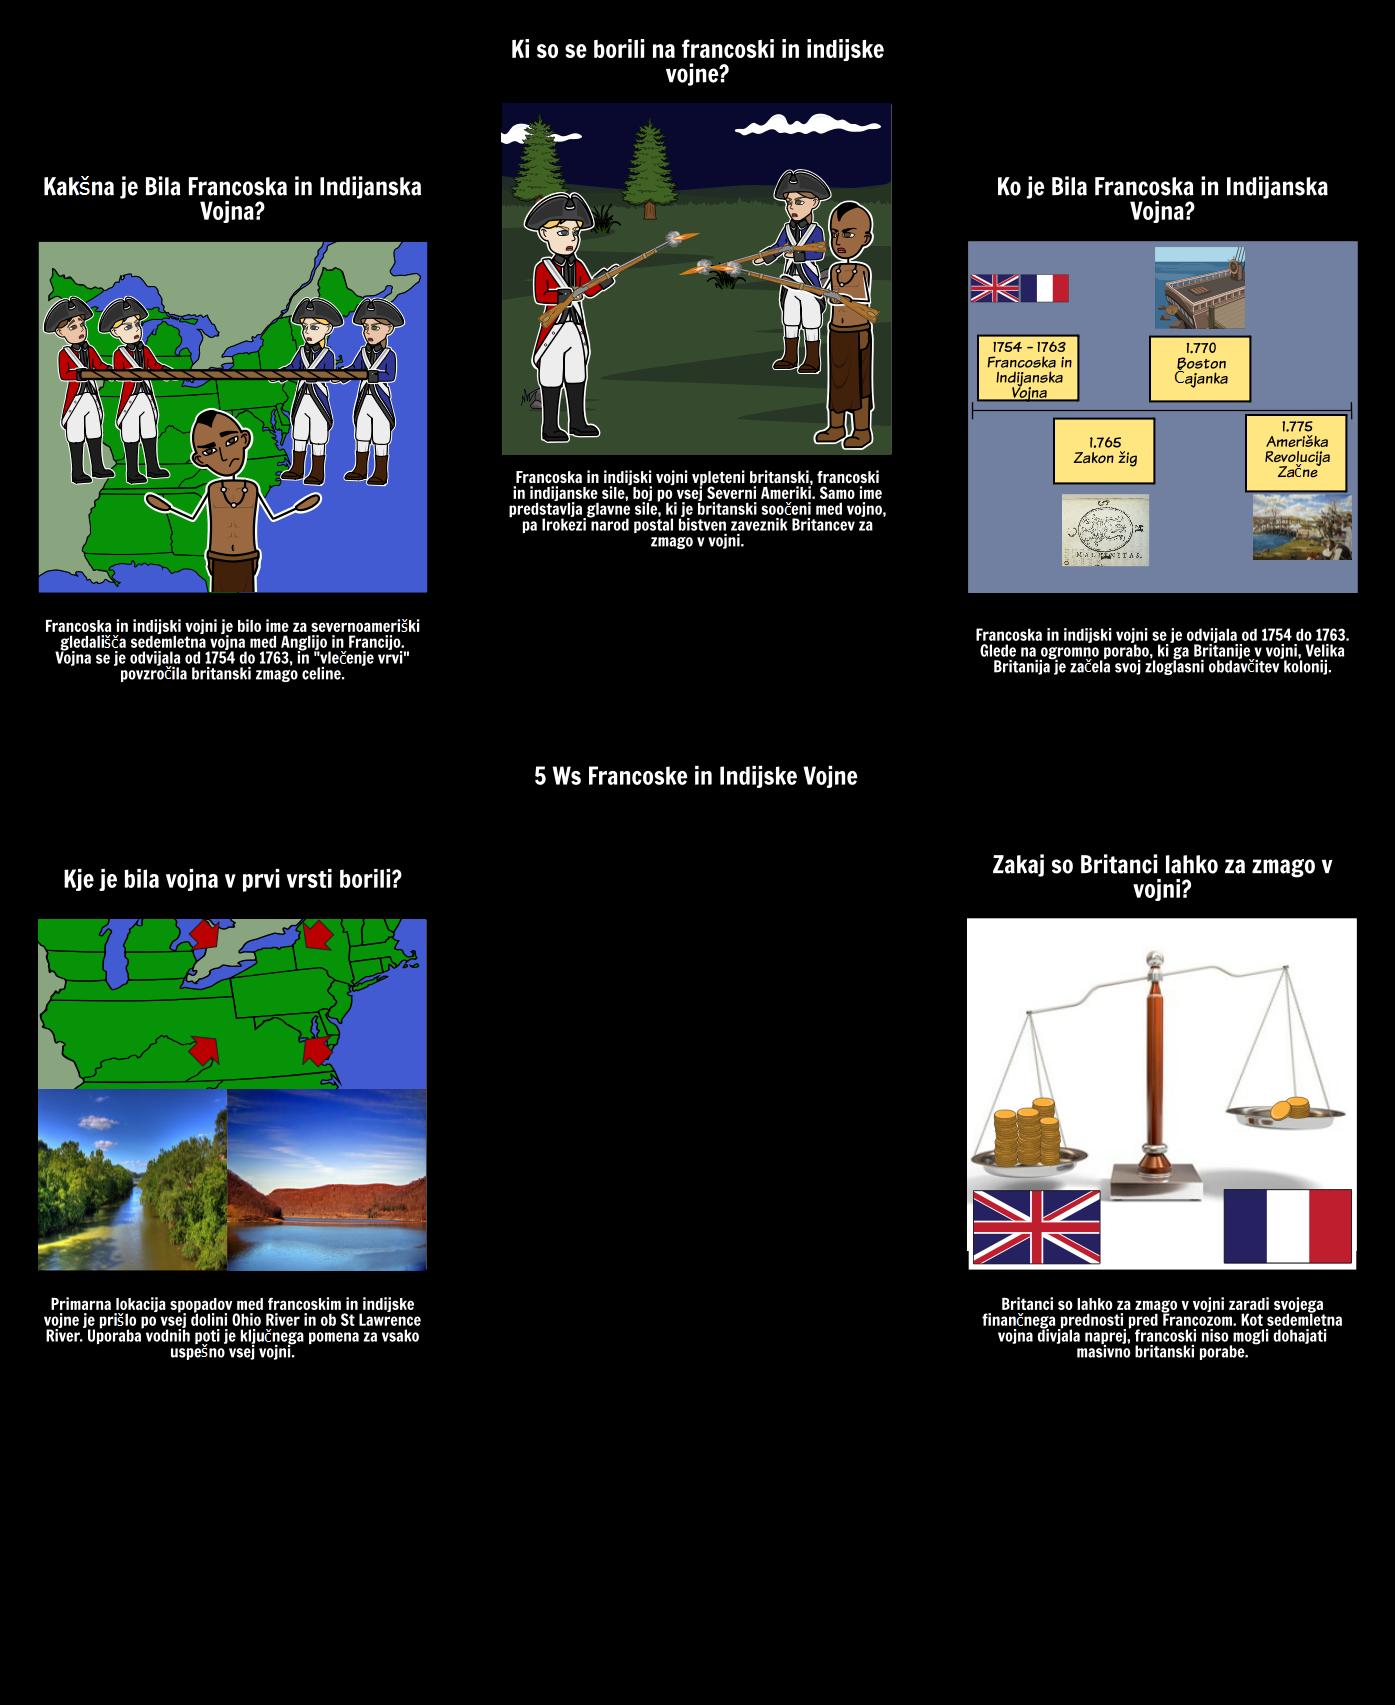 Francoska in Indijanska Vojna 5 WS